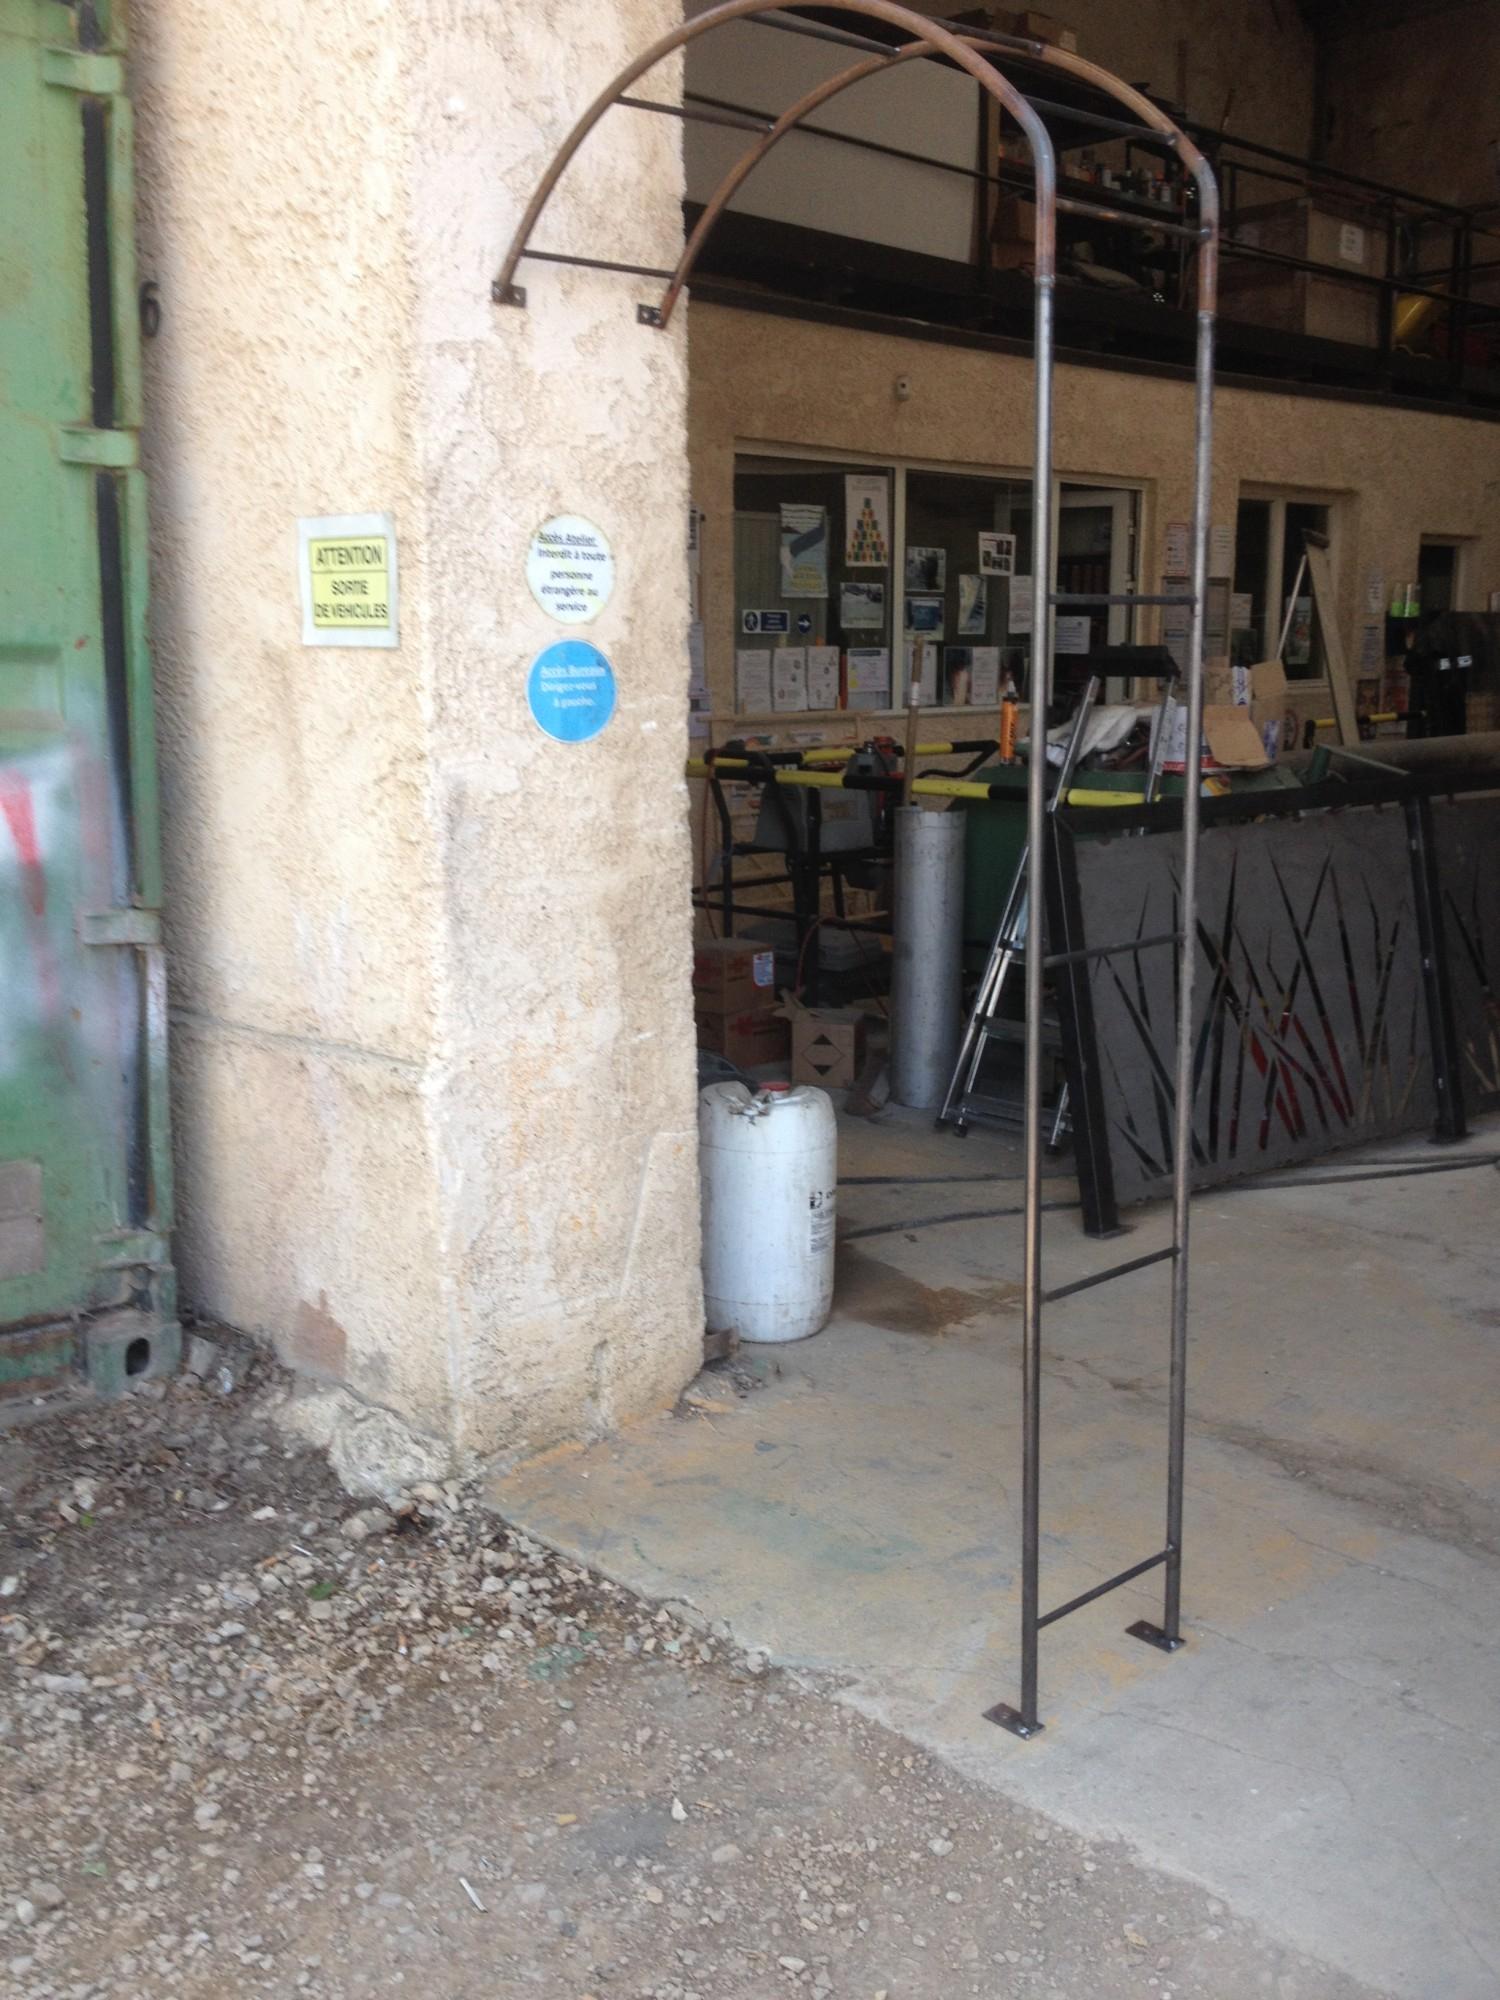 Arche De Jardin En Fer Forge A Martigues Fabrique Sur Mesure ... pour Arche De Jardin En Fer Forgé